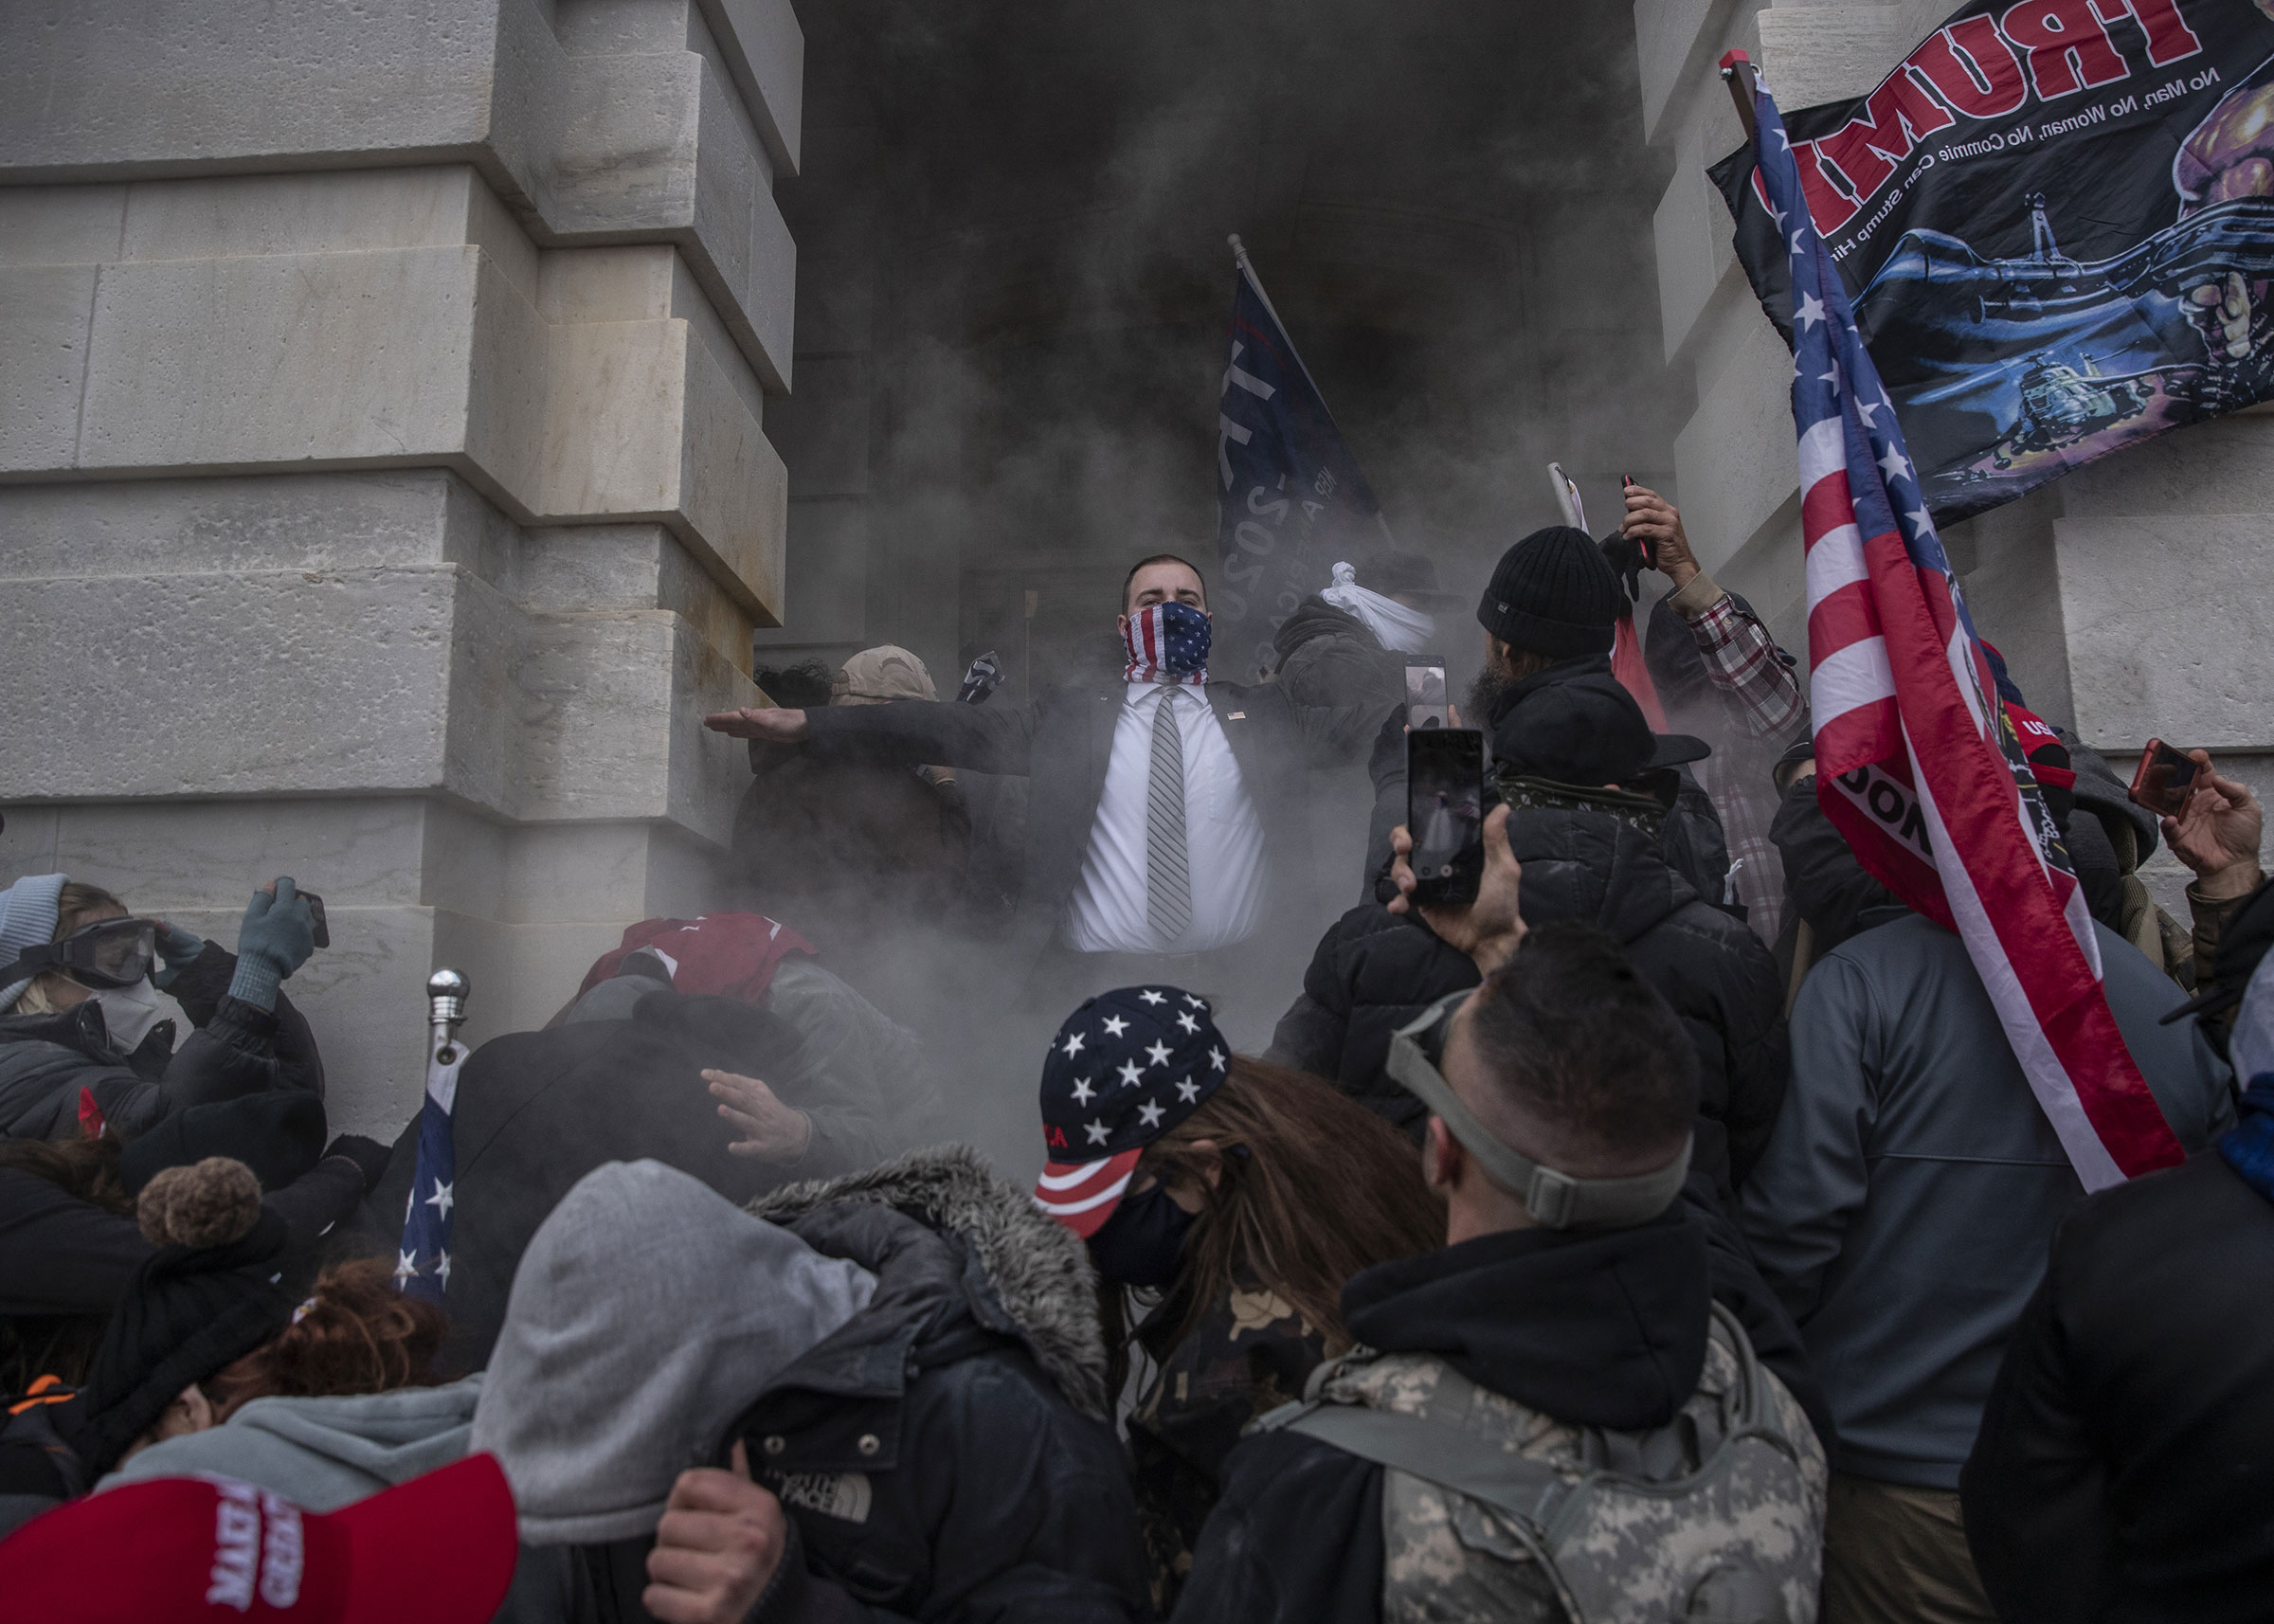 رابع ضابط شرطة أمريكي ينتحر بسبب أحداث 6 يناير